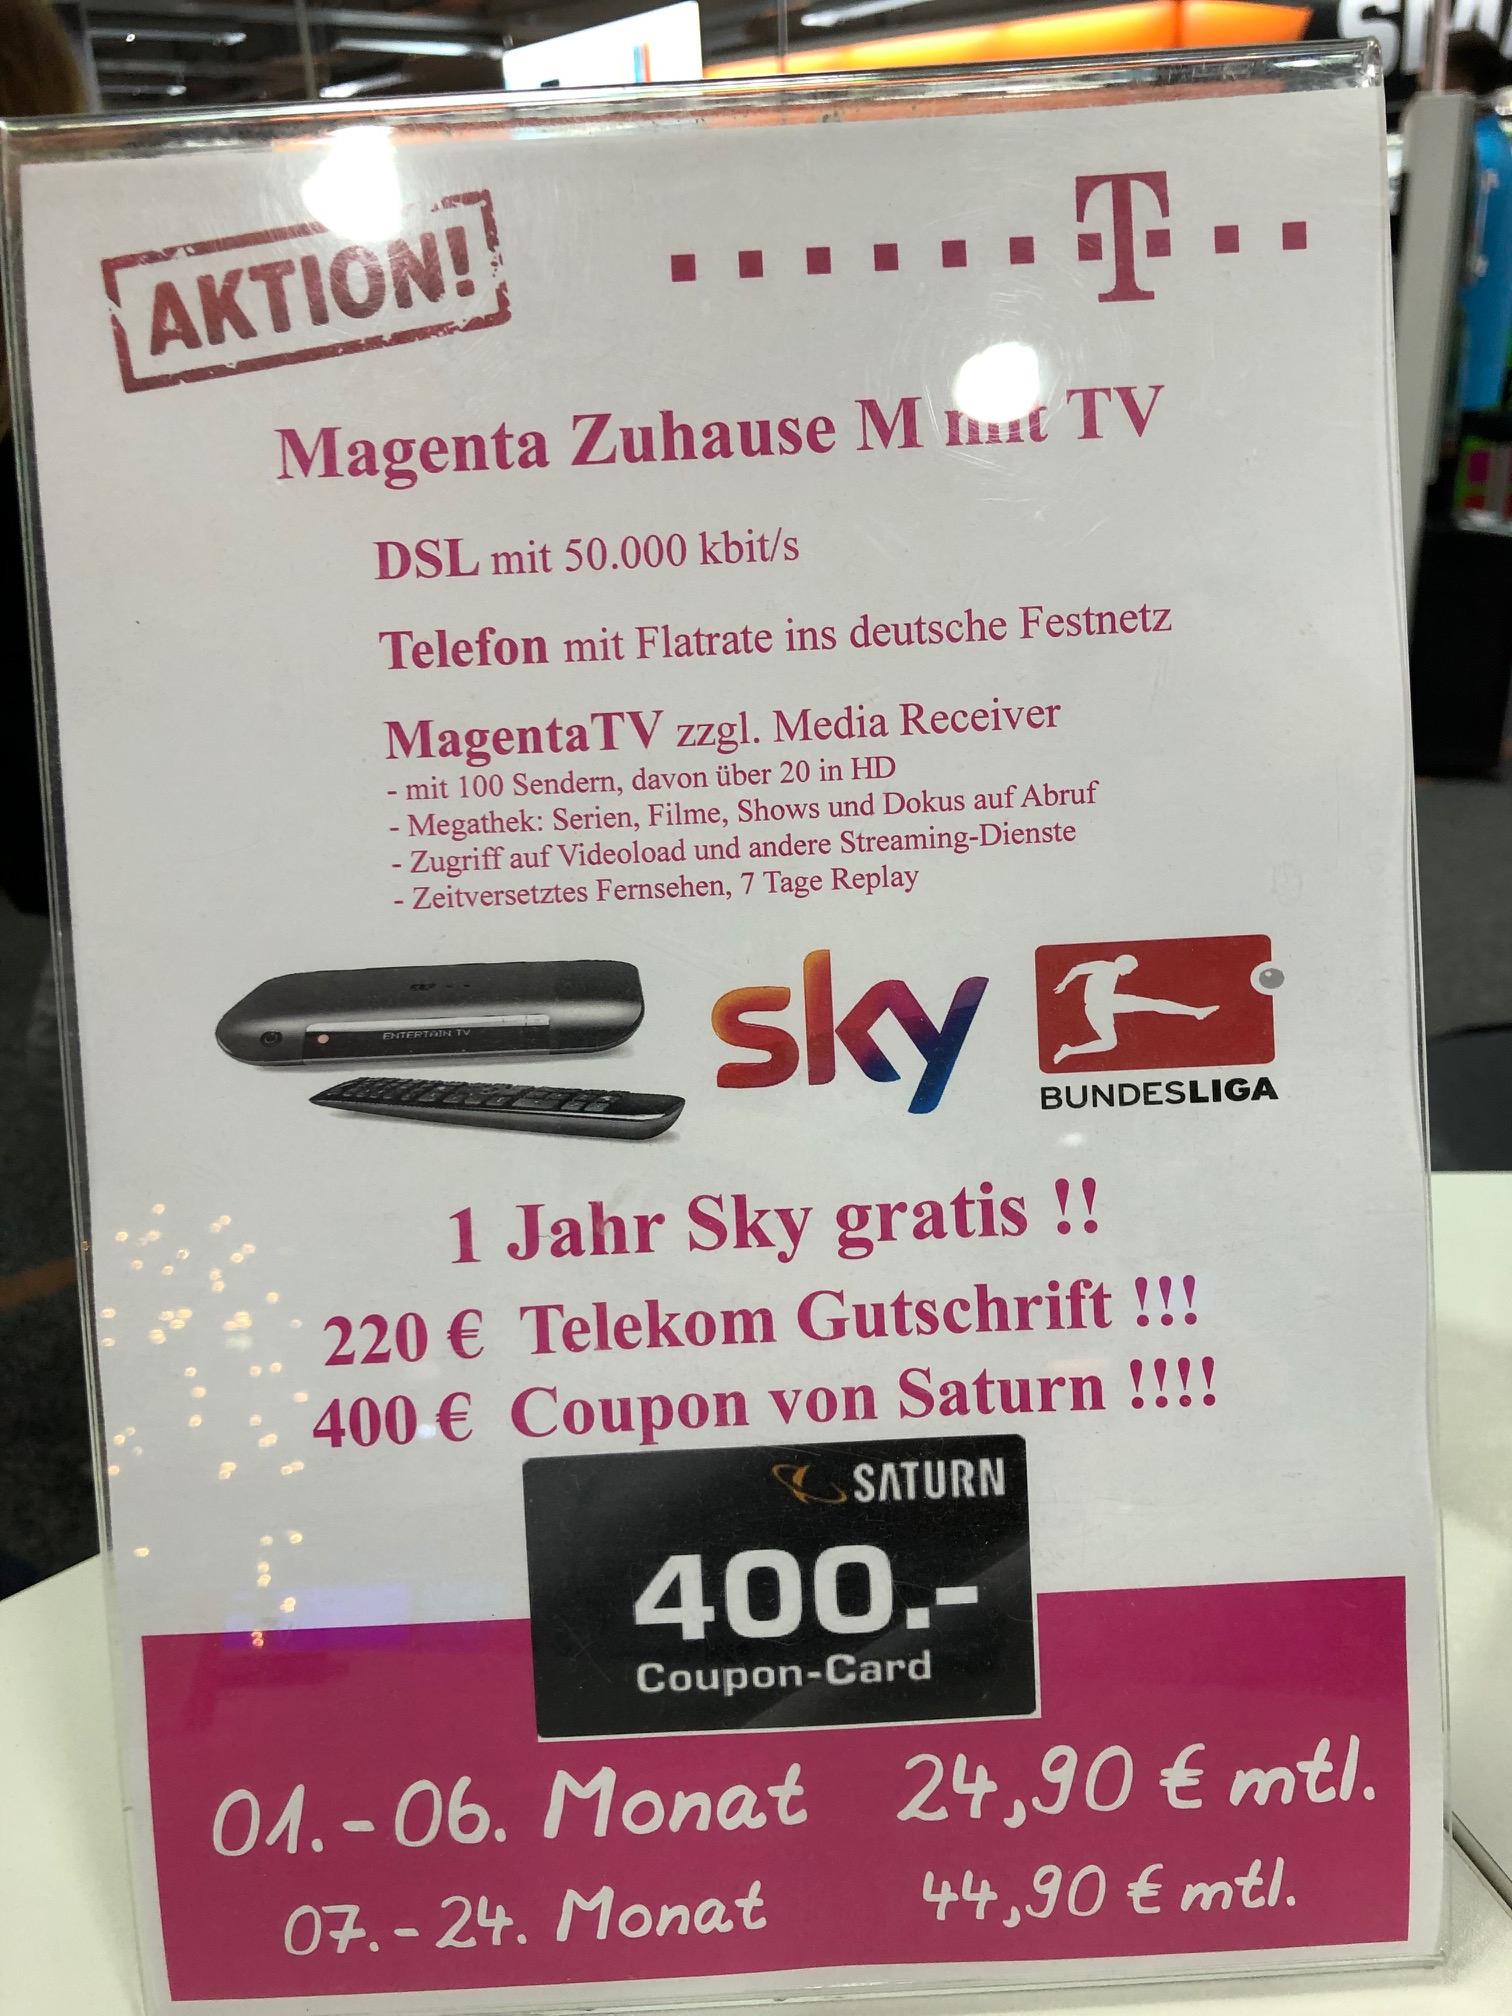 [Lokal] Saturn Bremen: Telekom Magenta M mit TV, 1 Jahr Sky, 220€ Gutschrift, 400€ Coupon